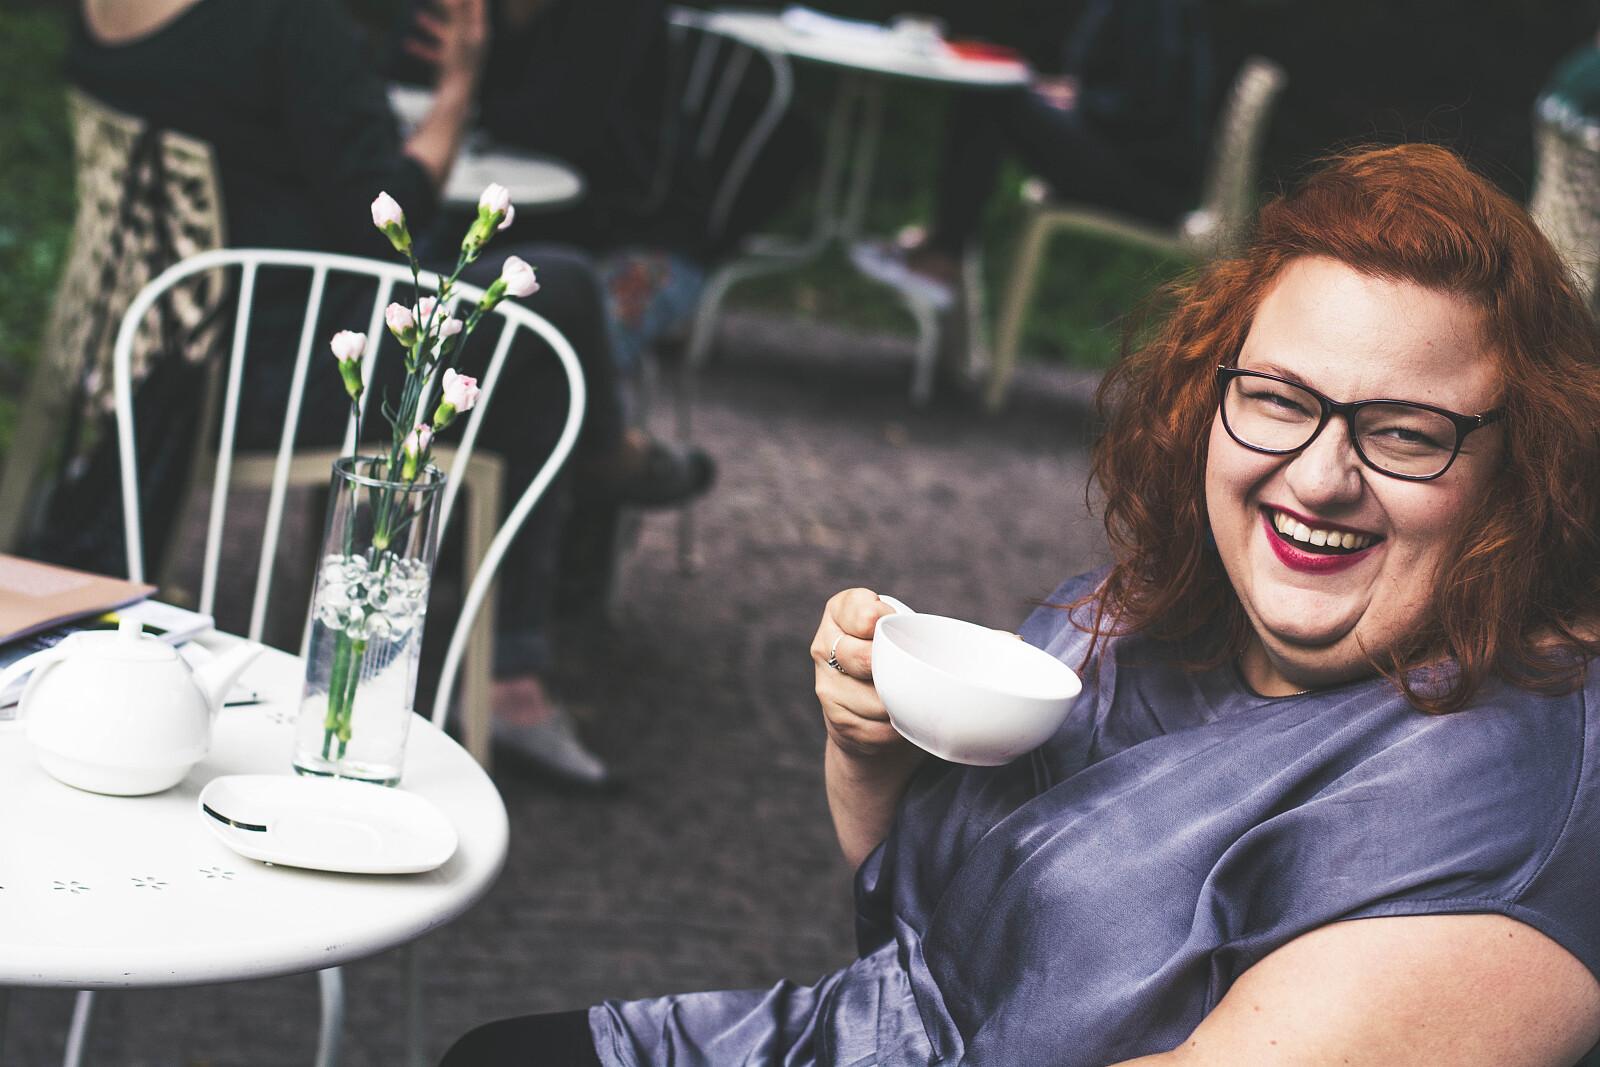 fot. Sylwia Wawrzkiewicz